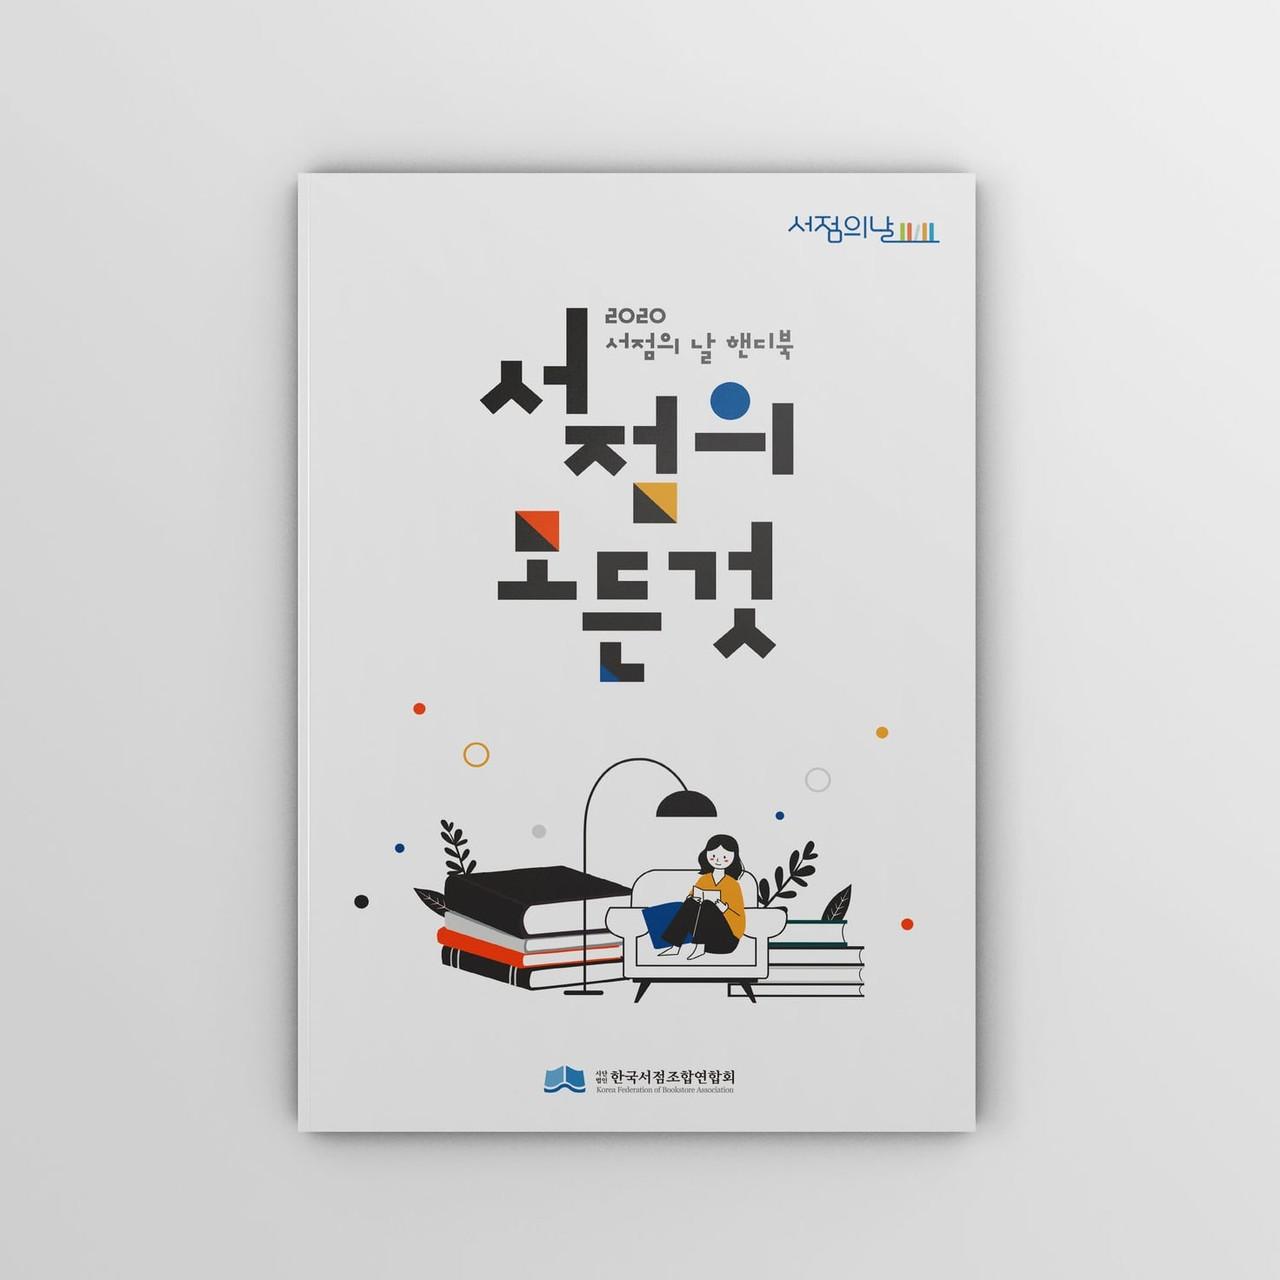 서점의 모든 것 - 한국서점조합연합회